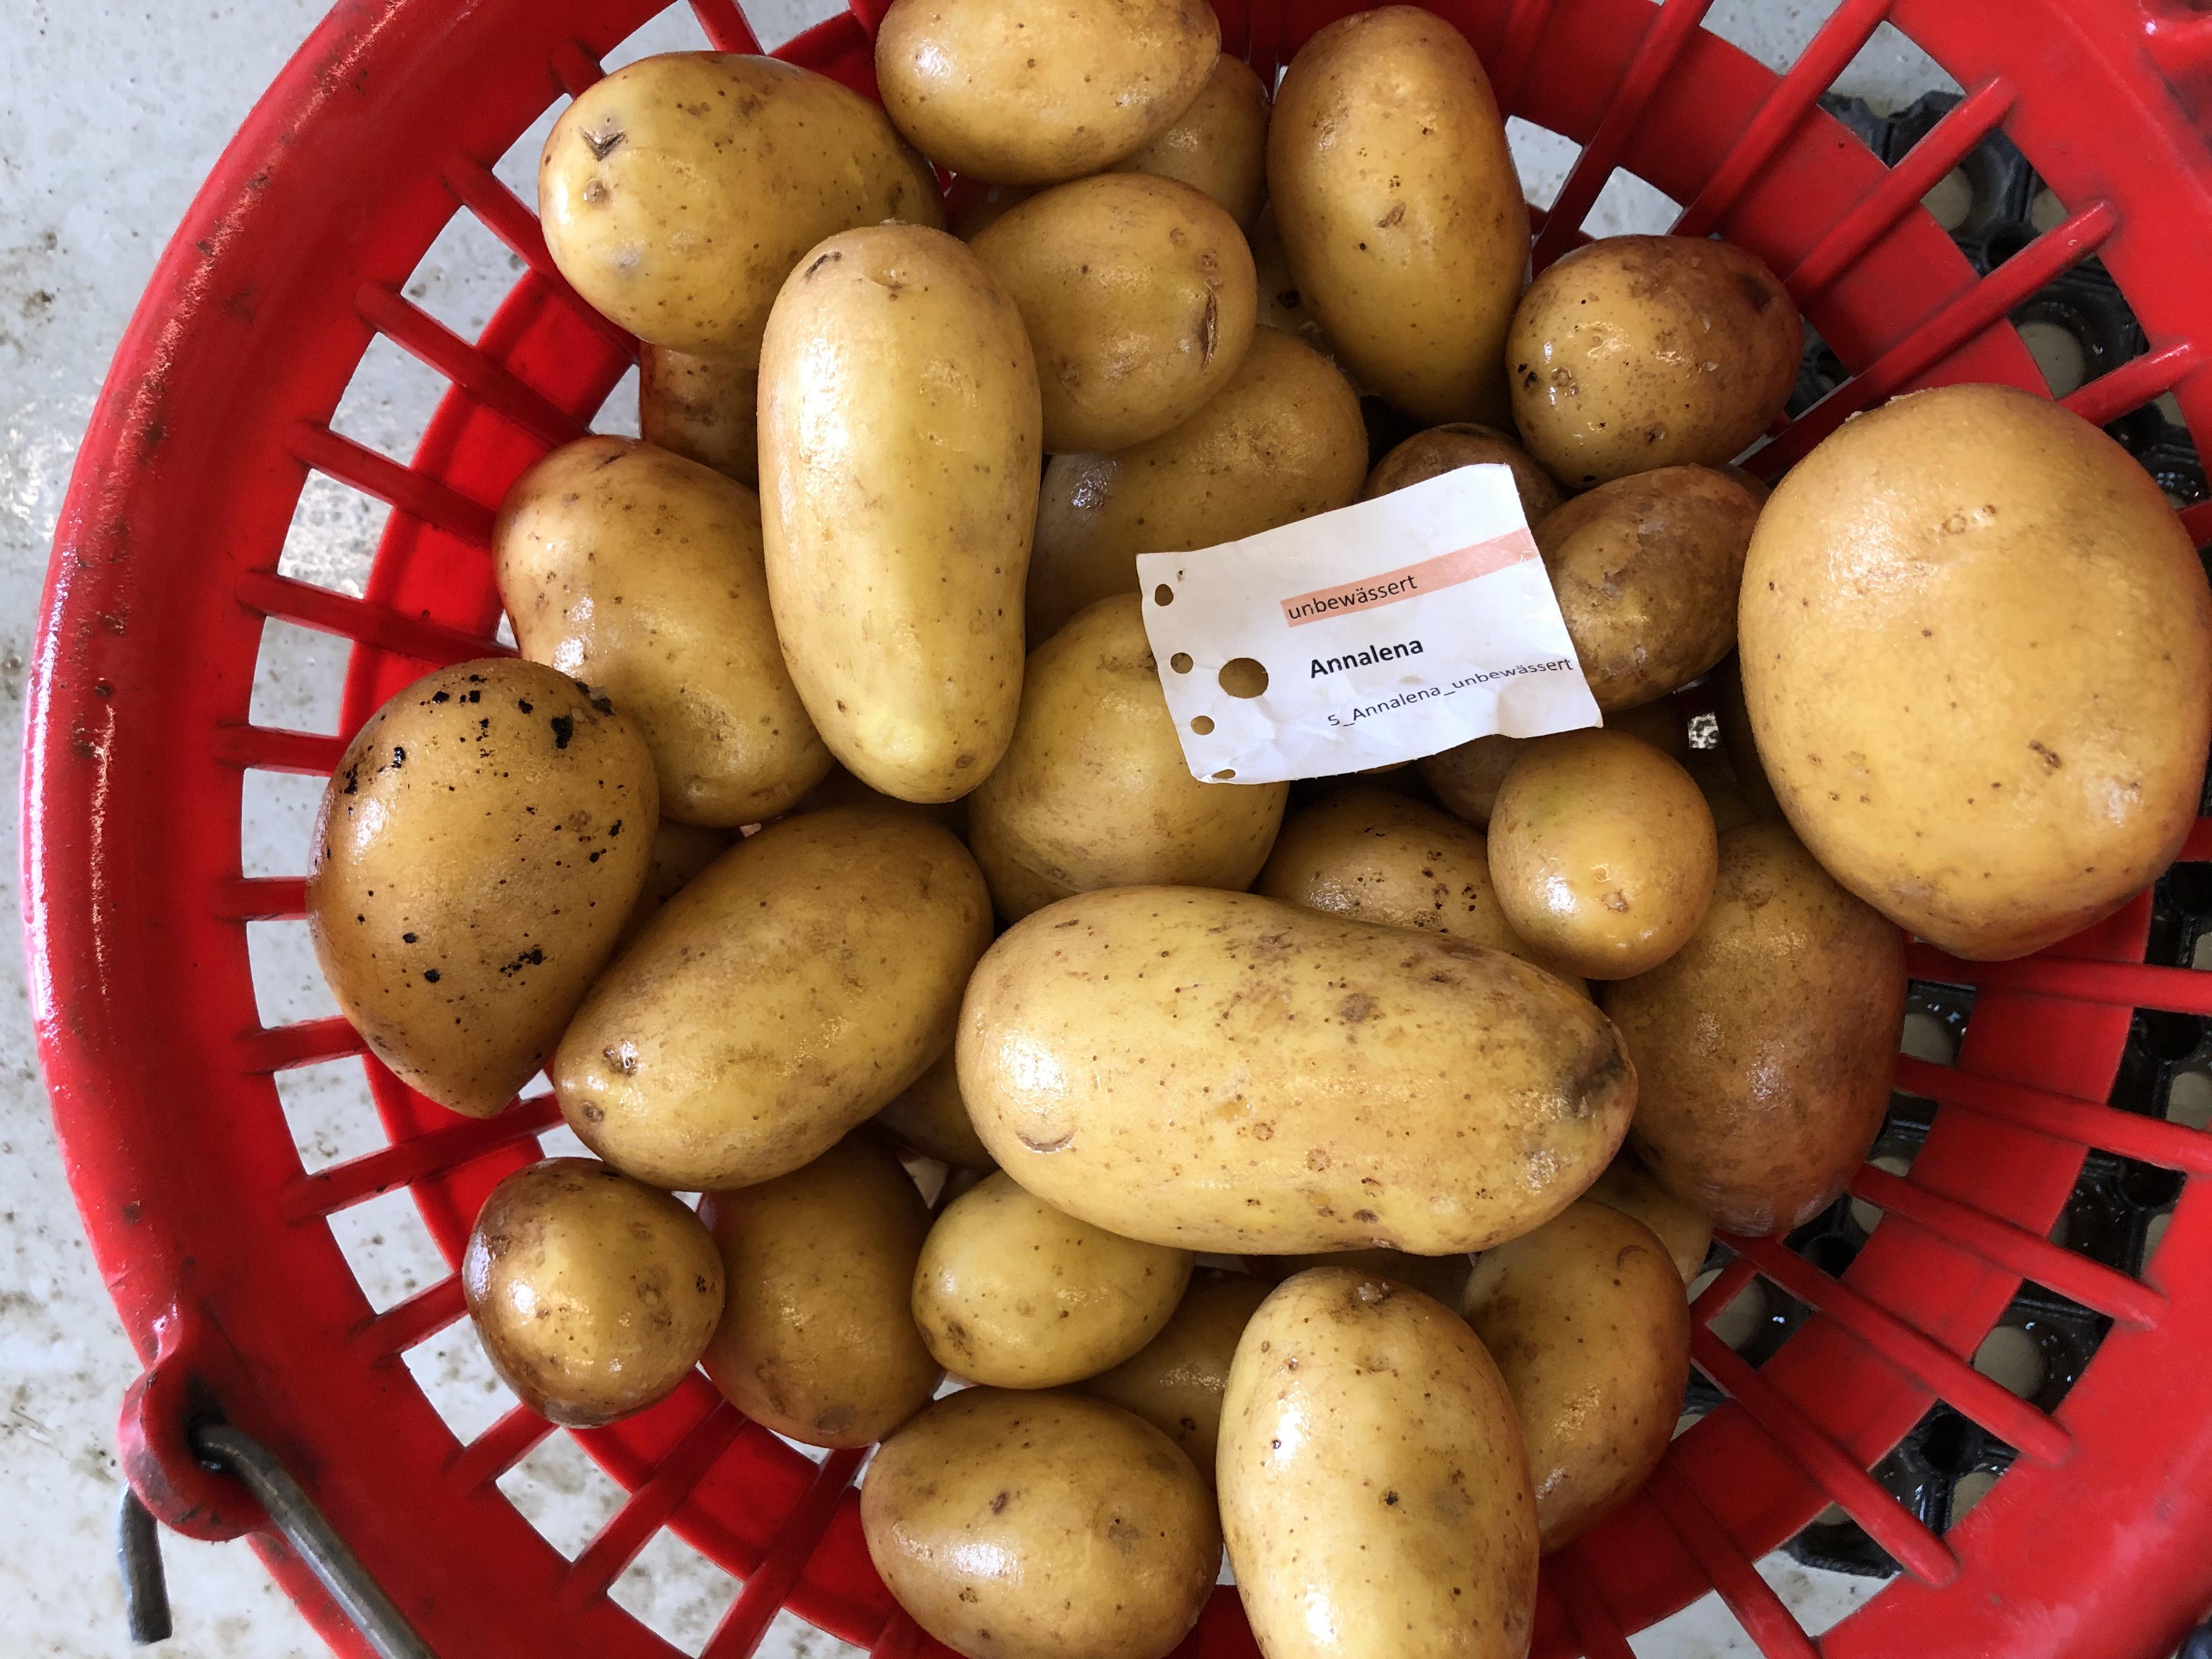 Waschprobe Sorte Annalena Kartoffel Sortenversuch 2020 Humlikon